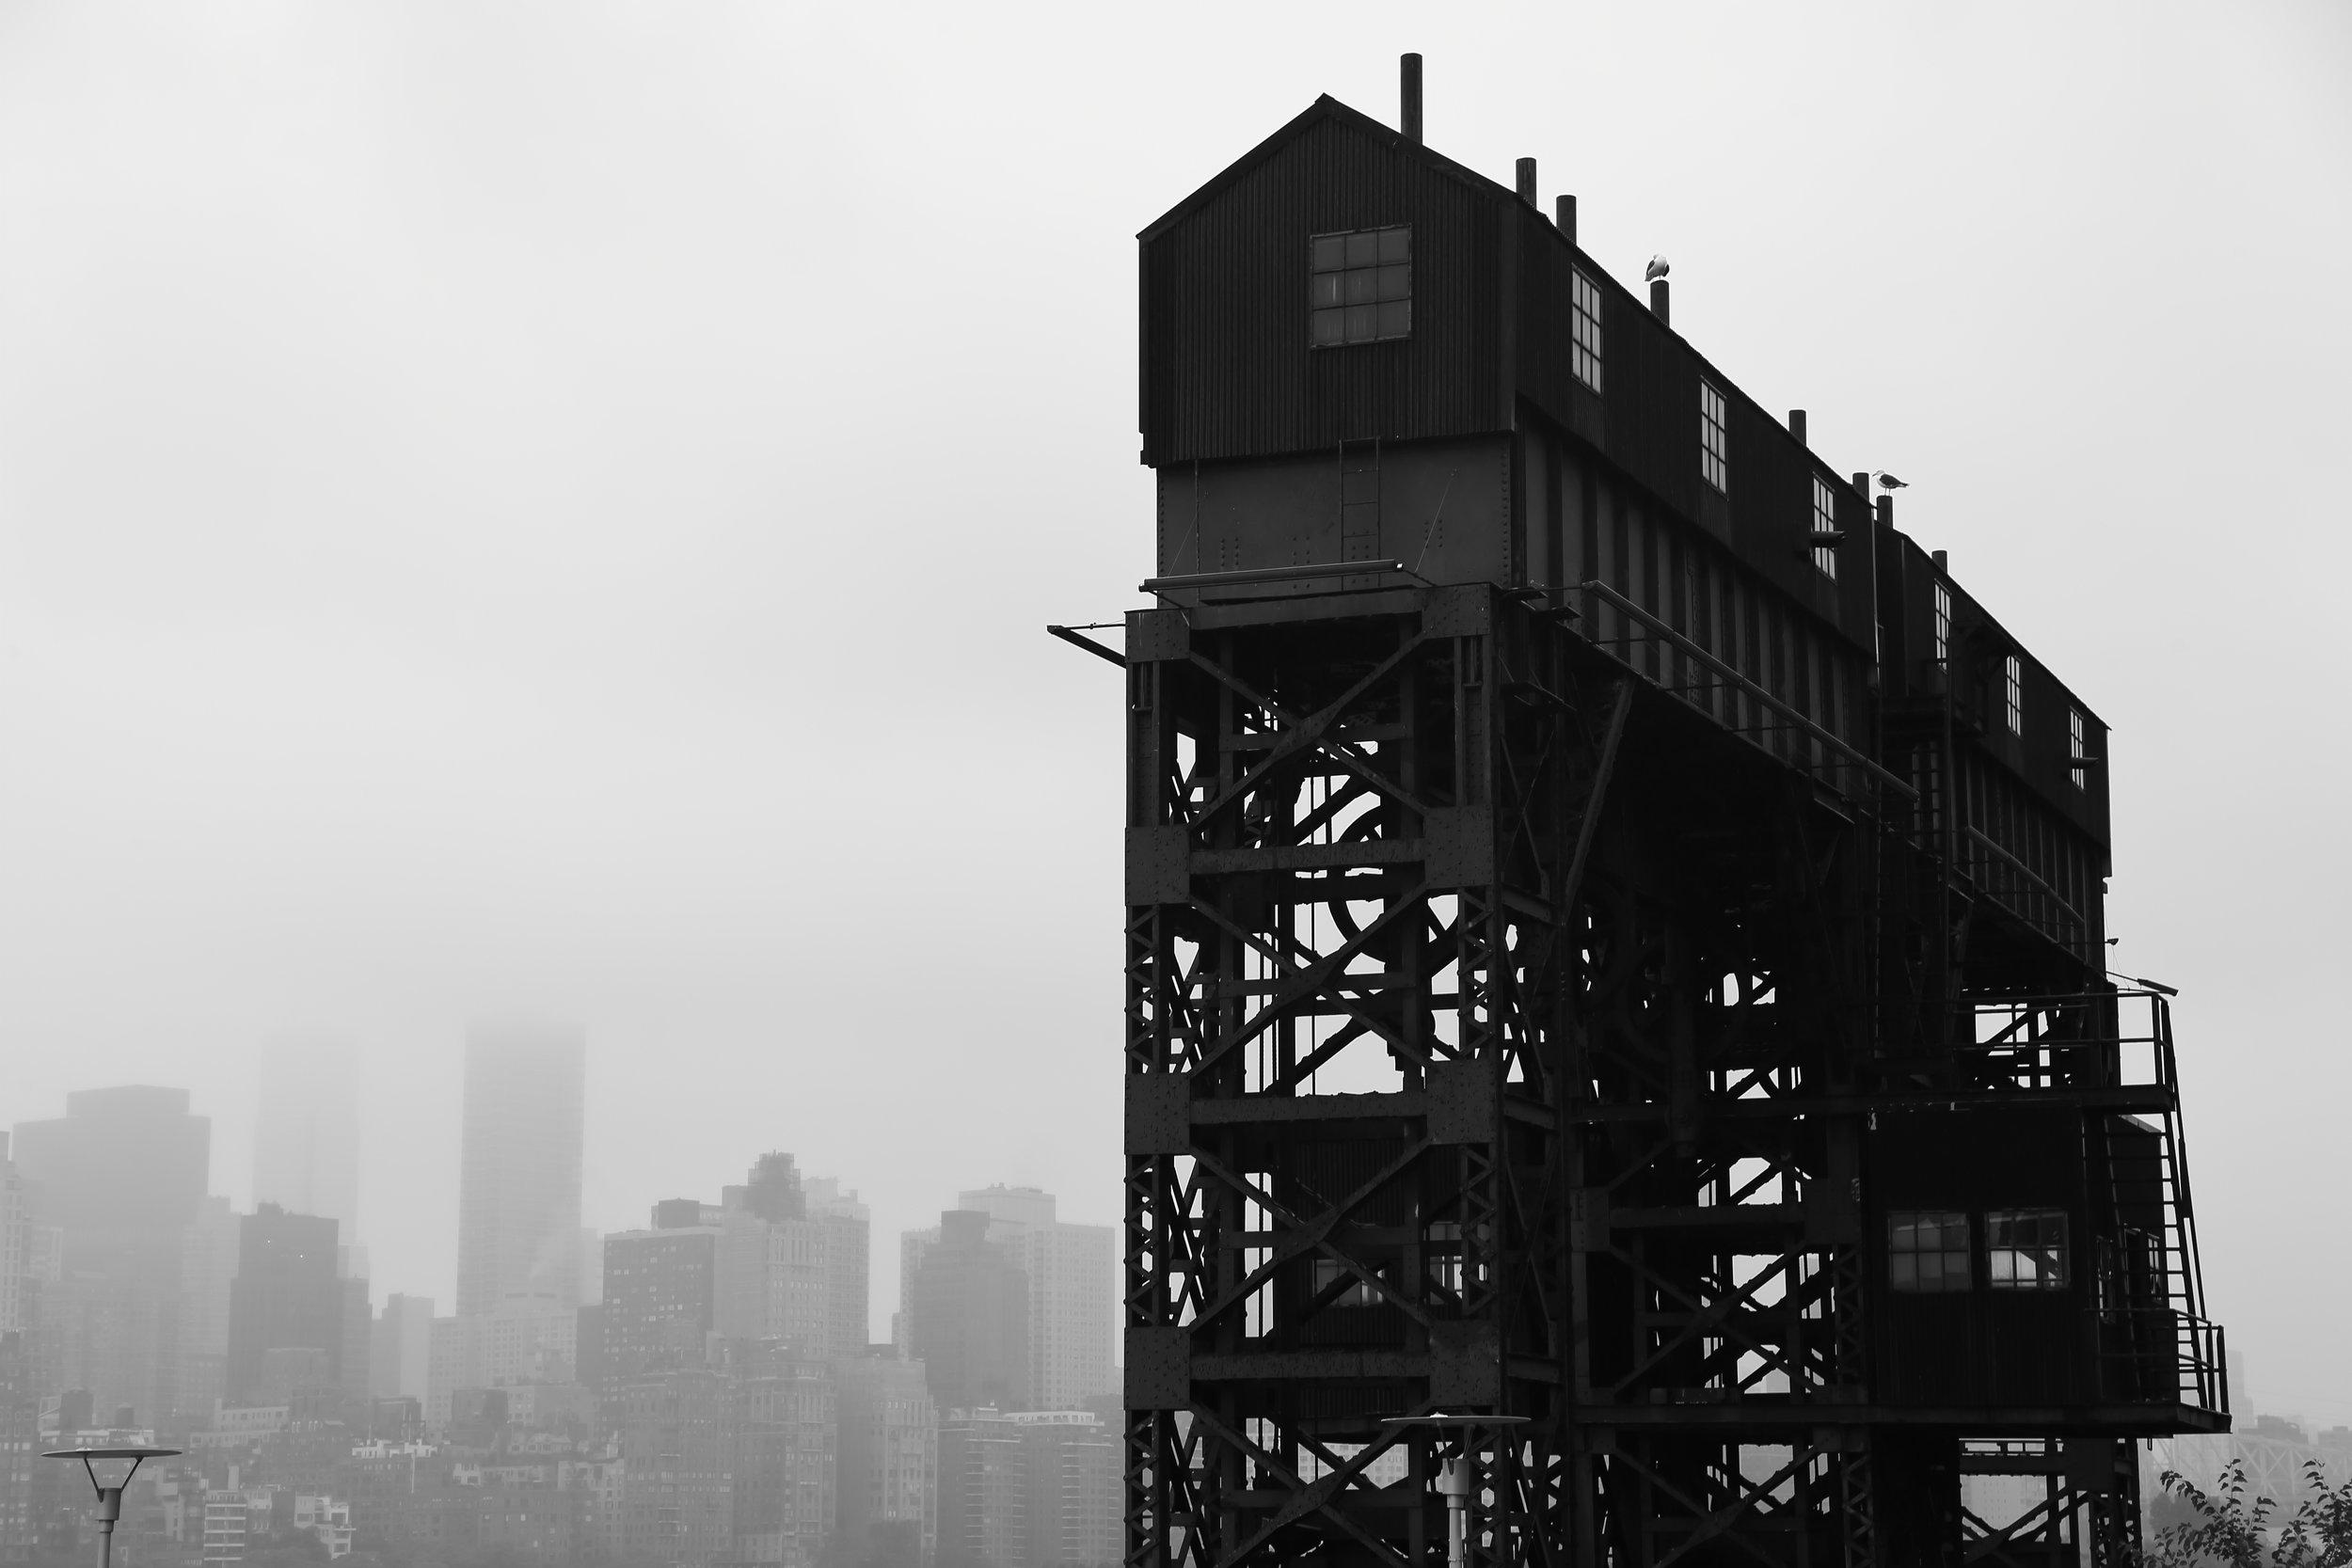 Gantry-LIC-Tower-BnW-7-14-2017.JPG